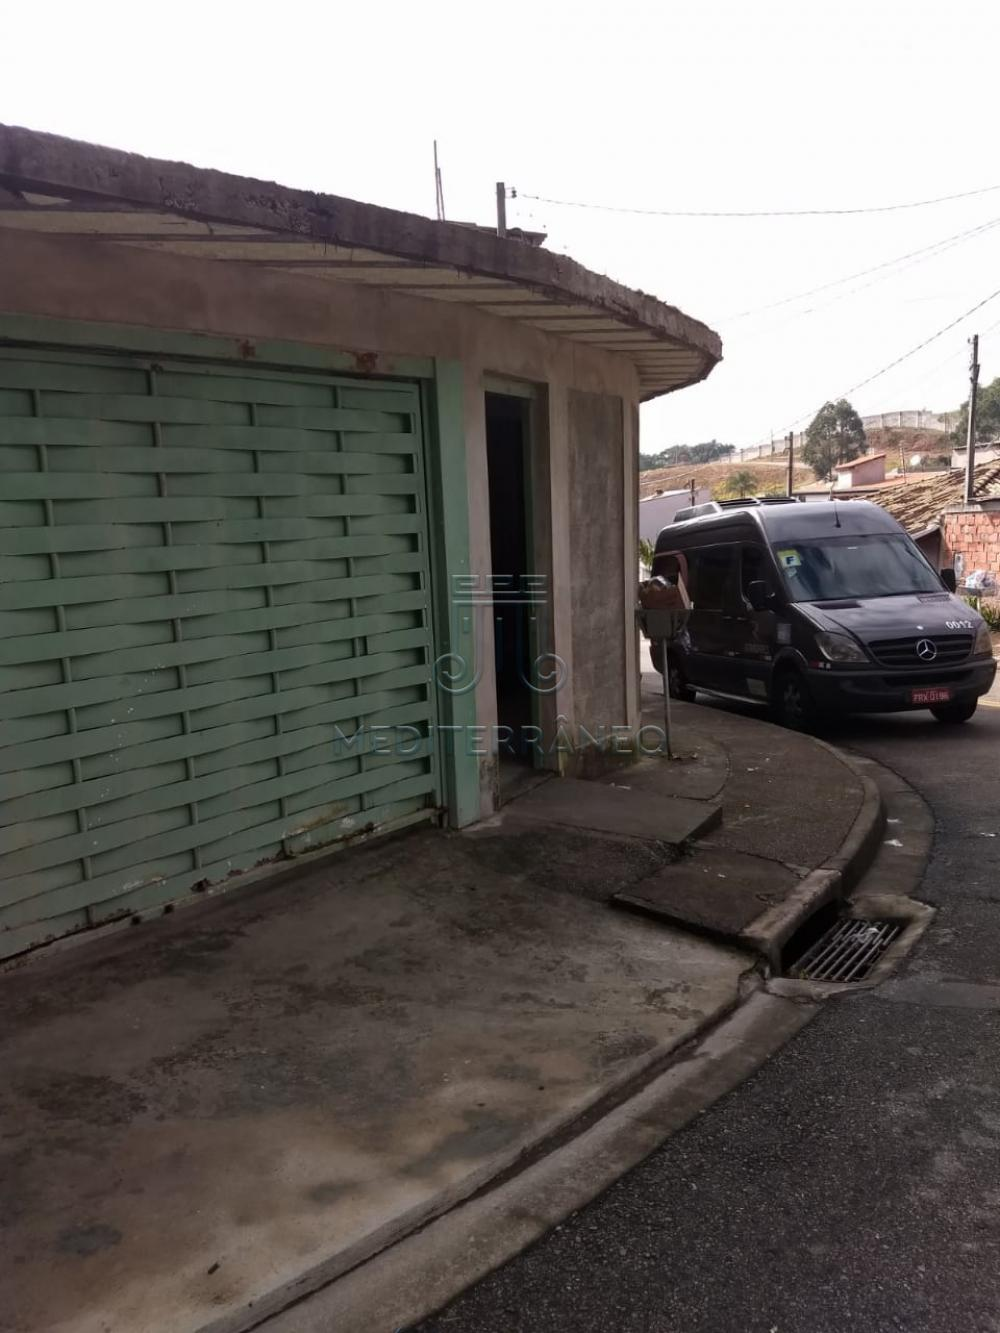 Comprar Casa / Padrão em Jundiaí apenas R$ 220.000,00 - Foto 32